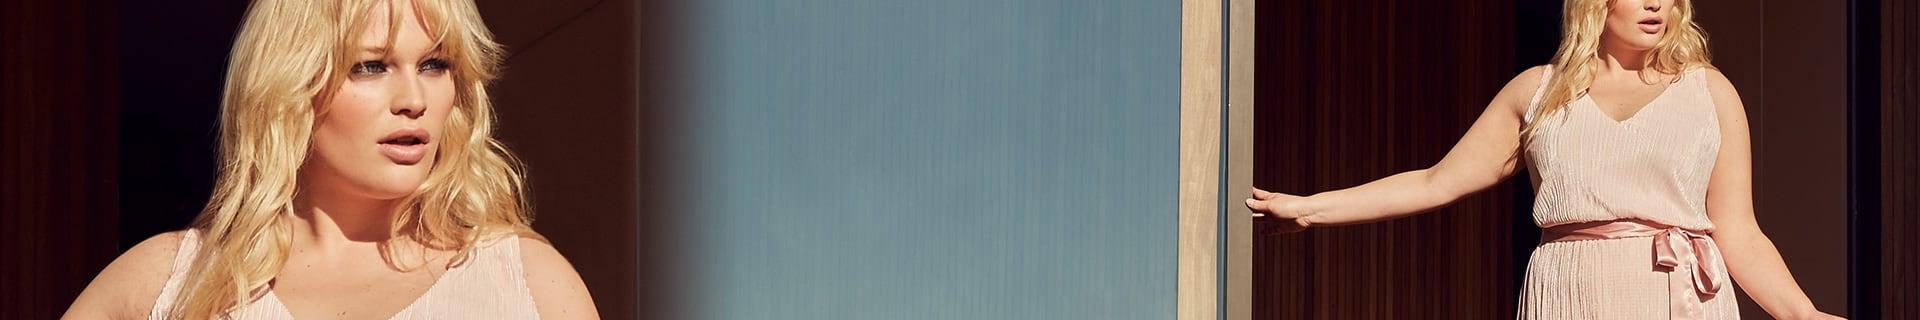 En vente exclusivement en taille plus à Addition Elle, la collection prêt-à-porter de Rachel Roy comporte des créations modernes, la greffe de Mademoiselle Roy, en tailles 14 à 24. Une esthétique forte, sexy, et tendance est au coeur de la nouvelle collection Curvy de Rachel Roy.